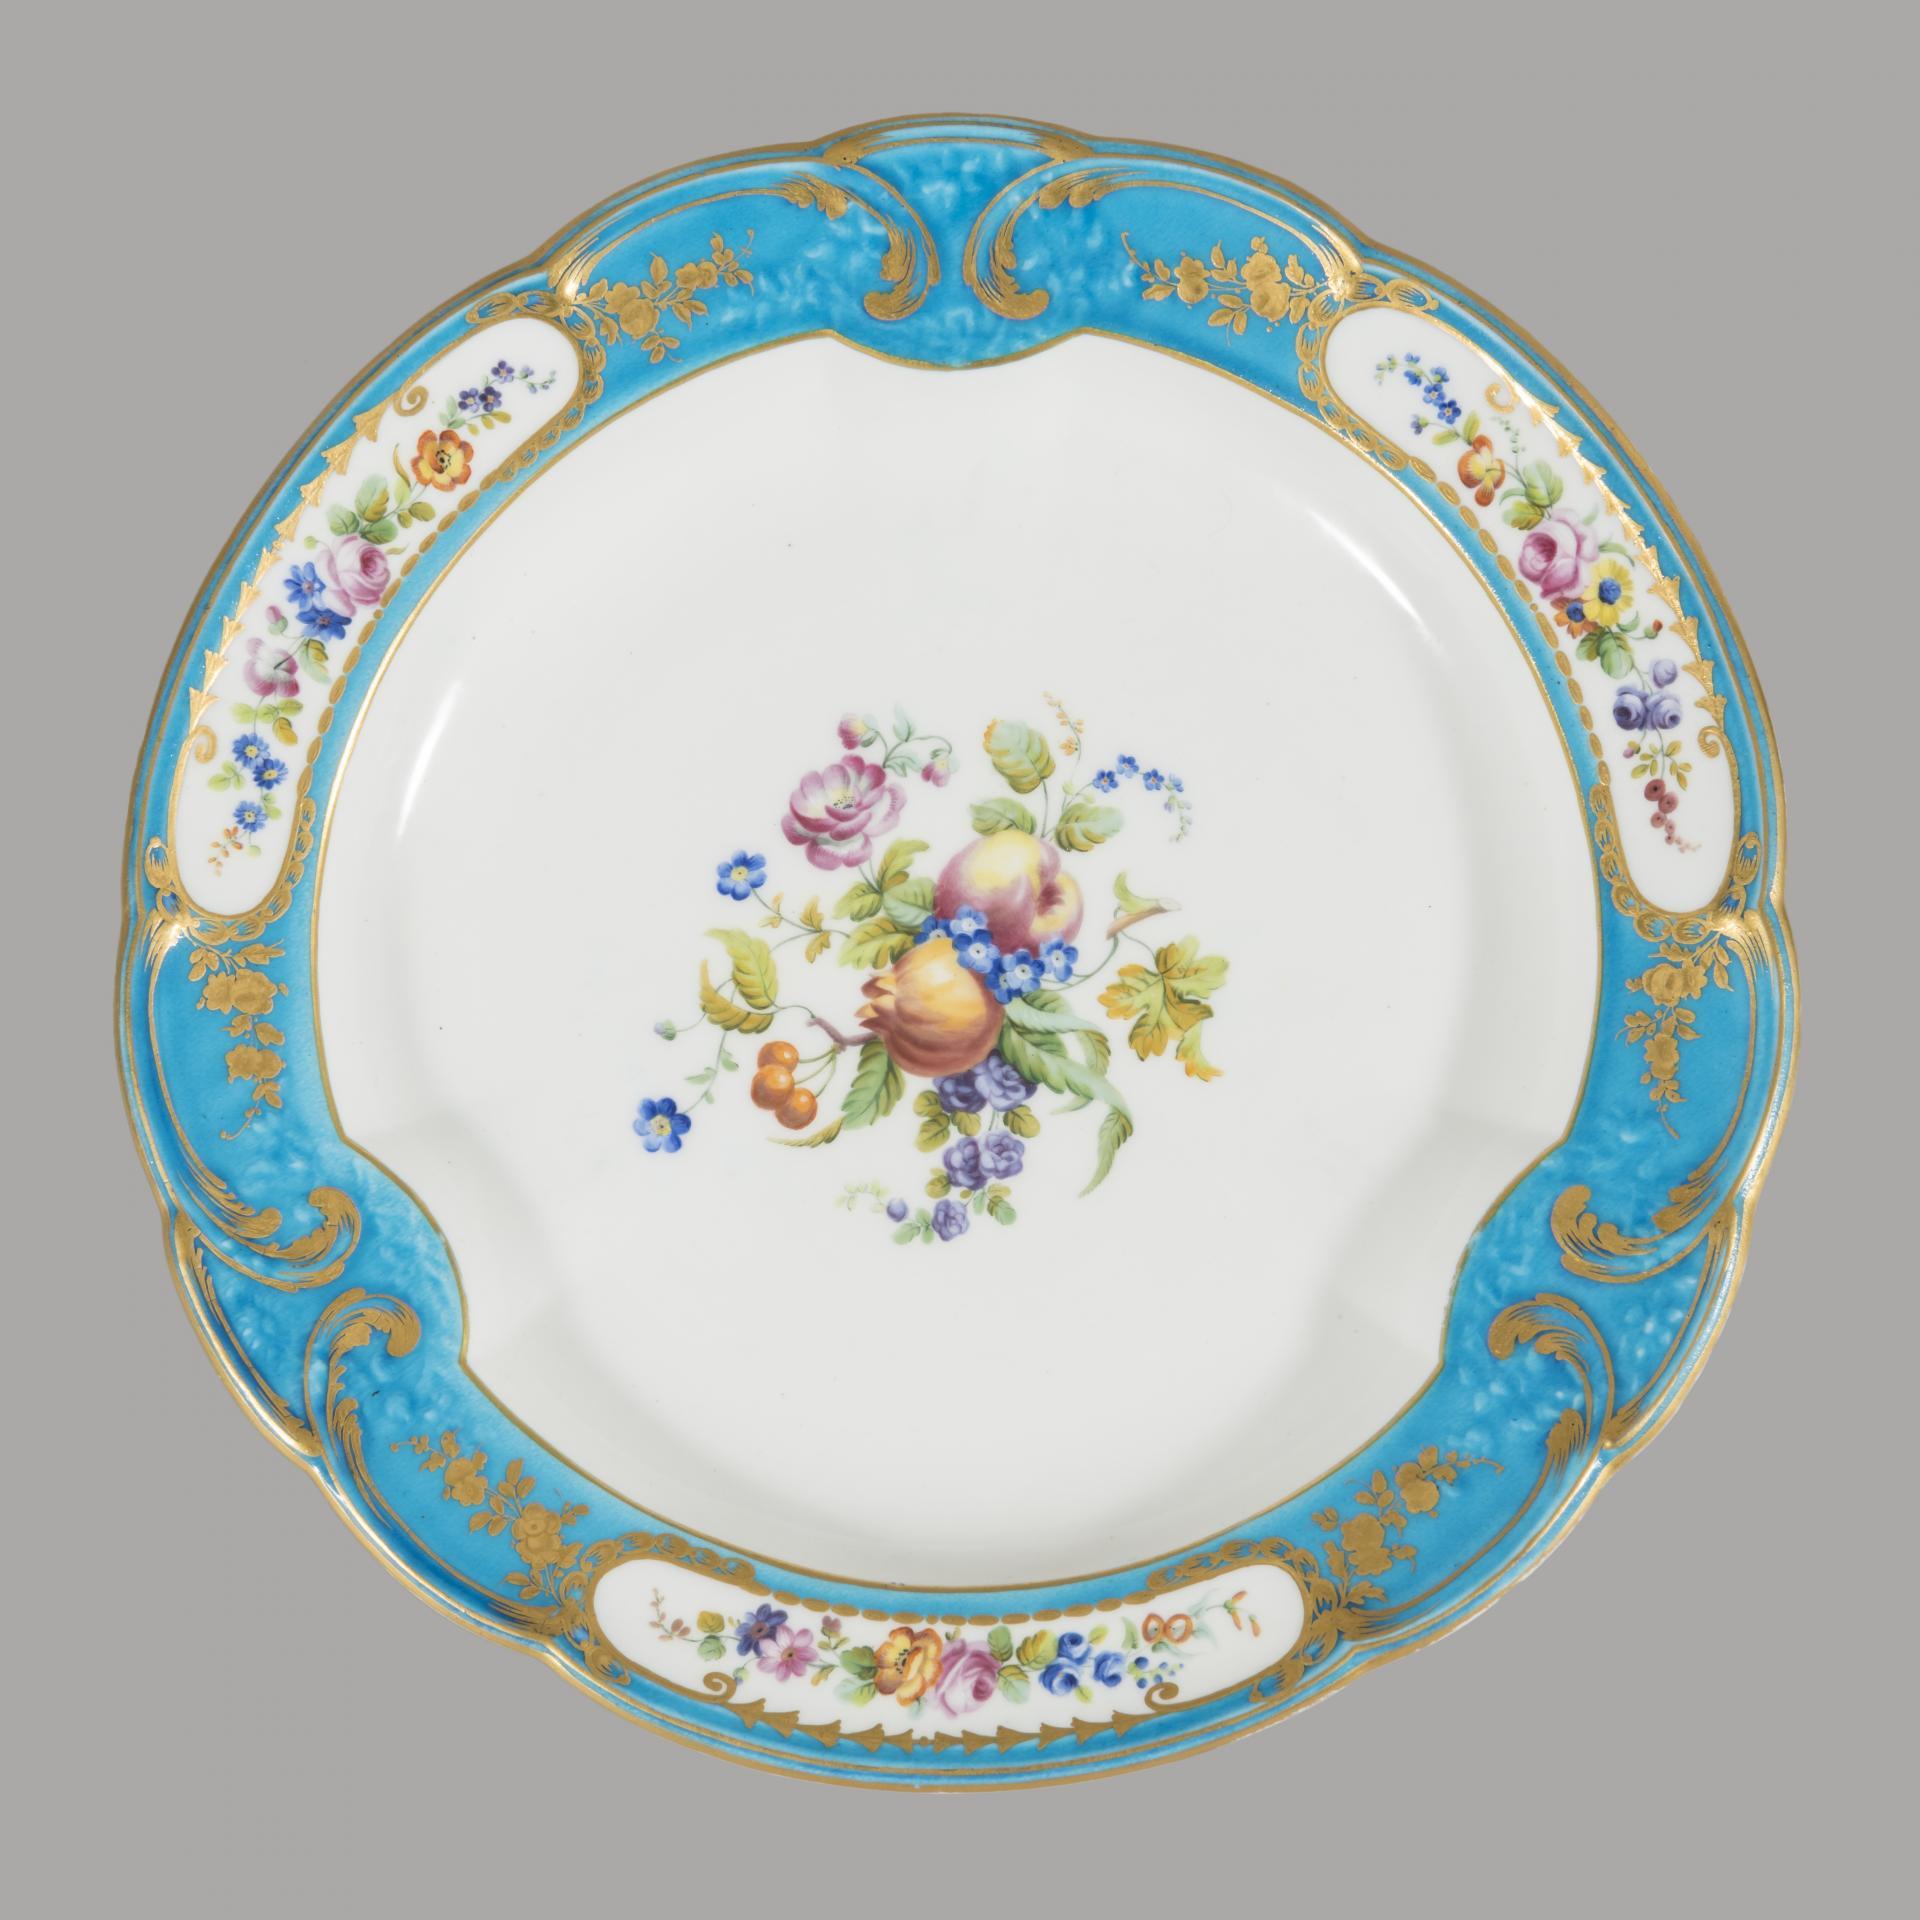 Decoration Petit Pot De Fleur acquisitions   palace of versailles